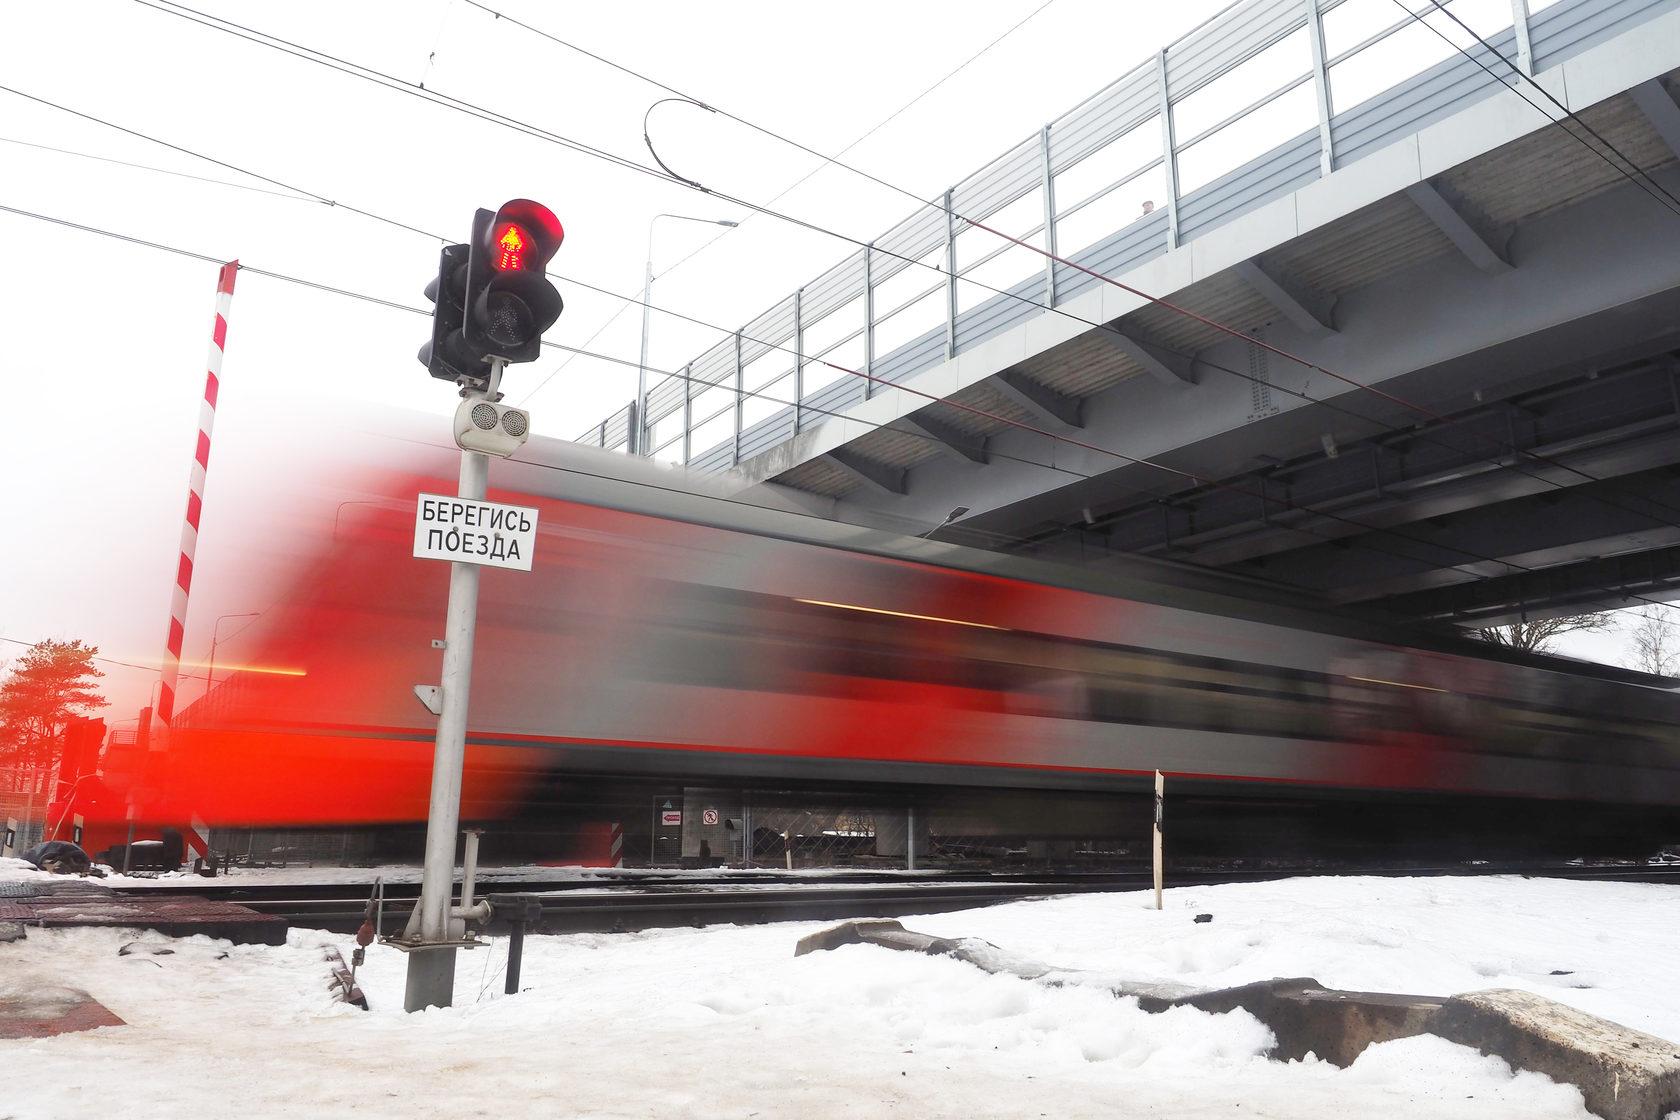 Водитель спас пожилого мужчину на железнодорожном переезде в Тверской области